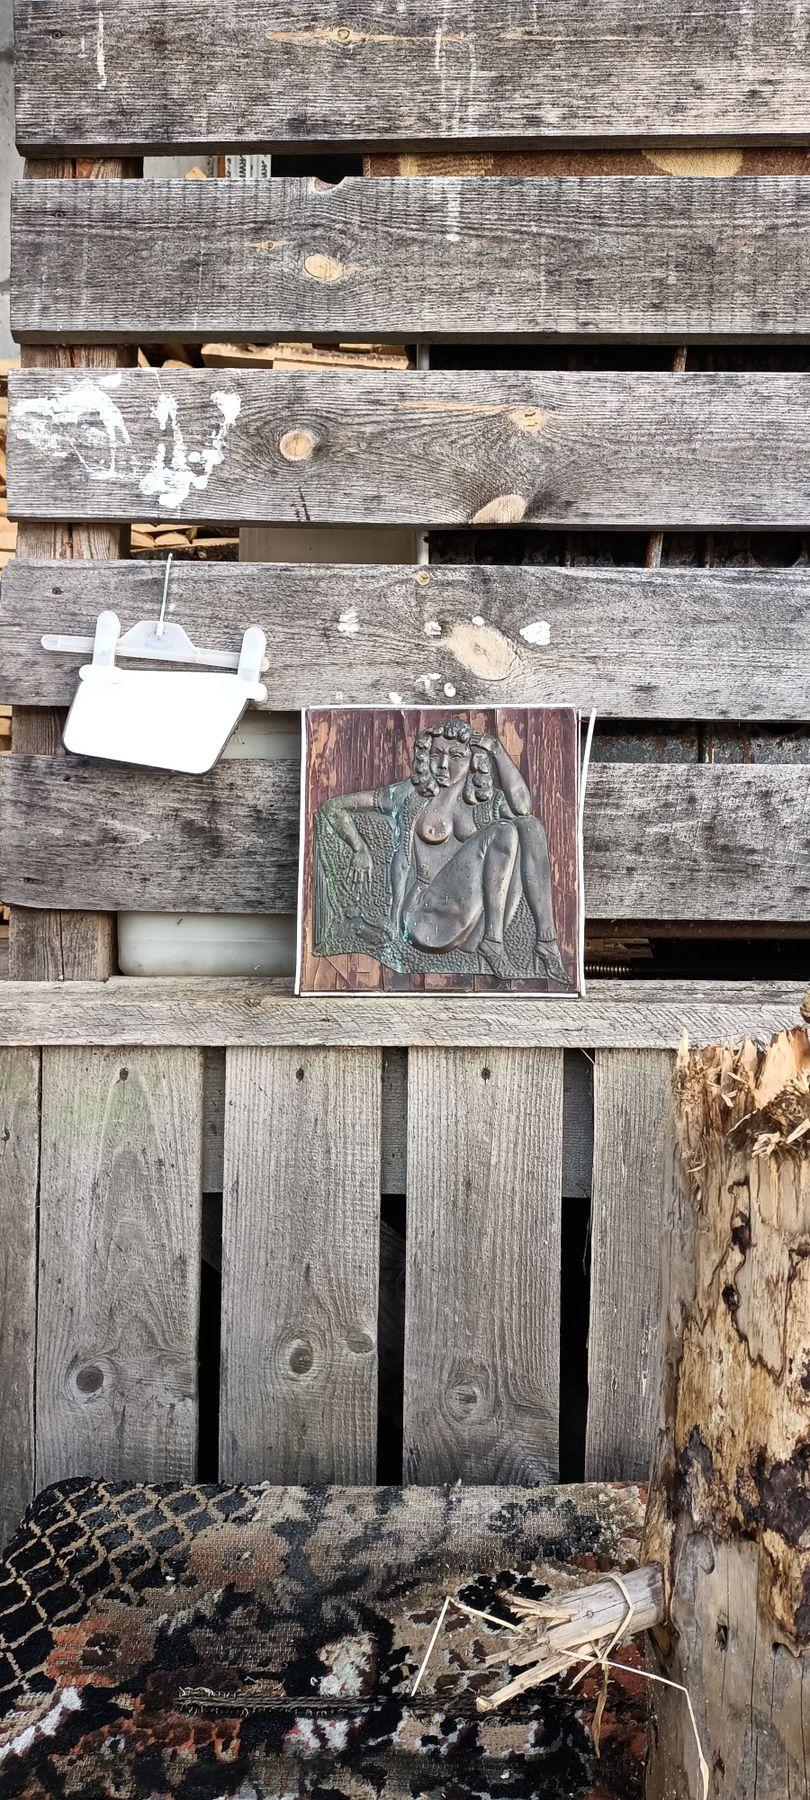 *** Забор доски зеркальце зеркало подвесное портрет картина женщины фотопозирование модель натурщица натура щели